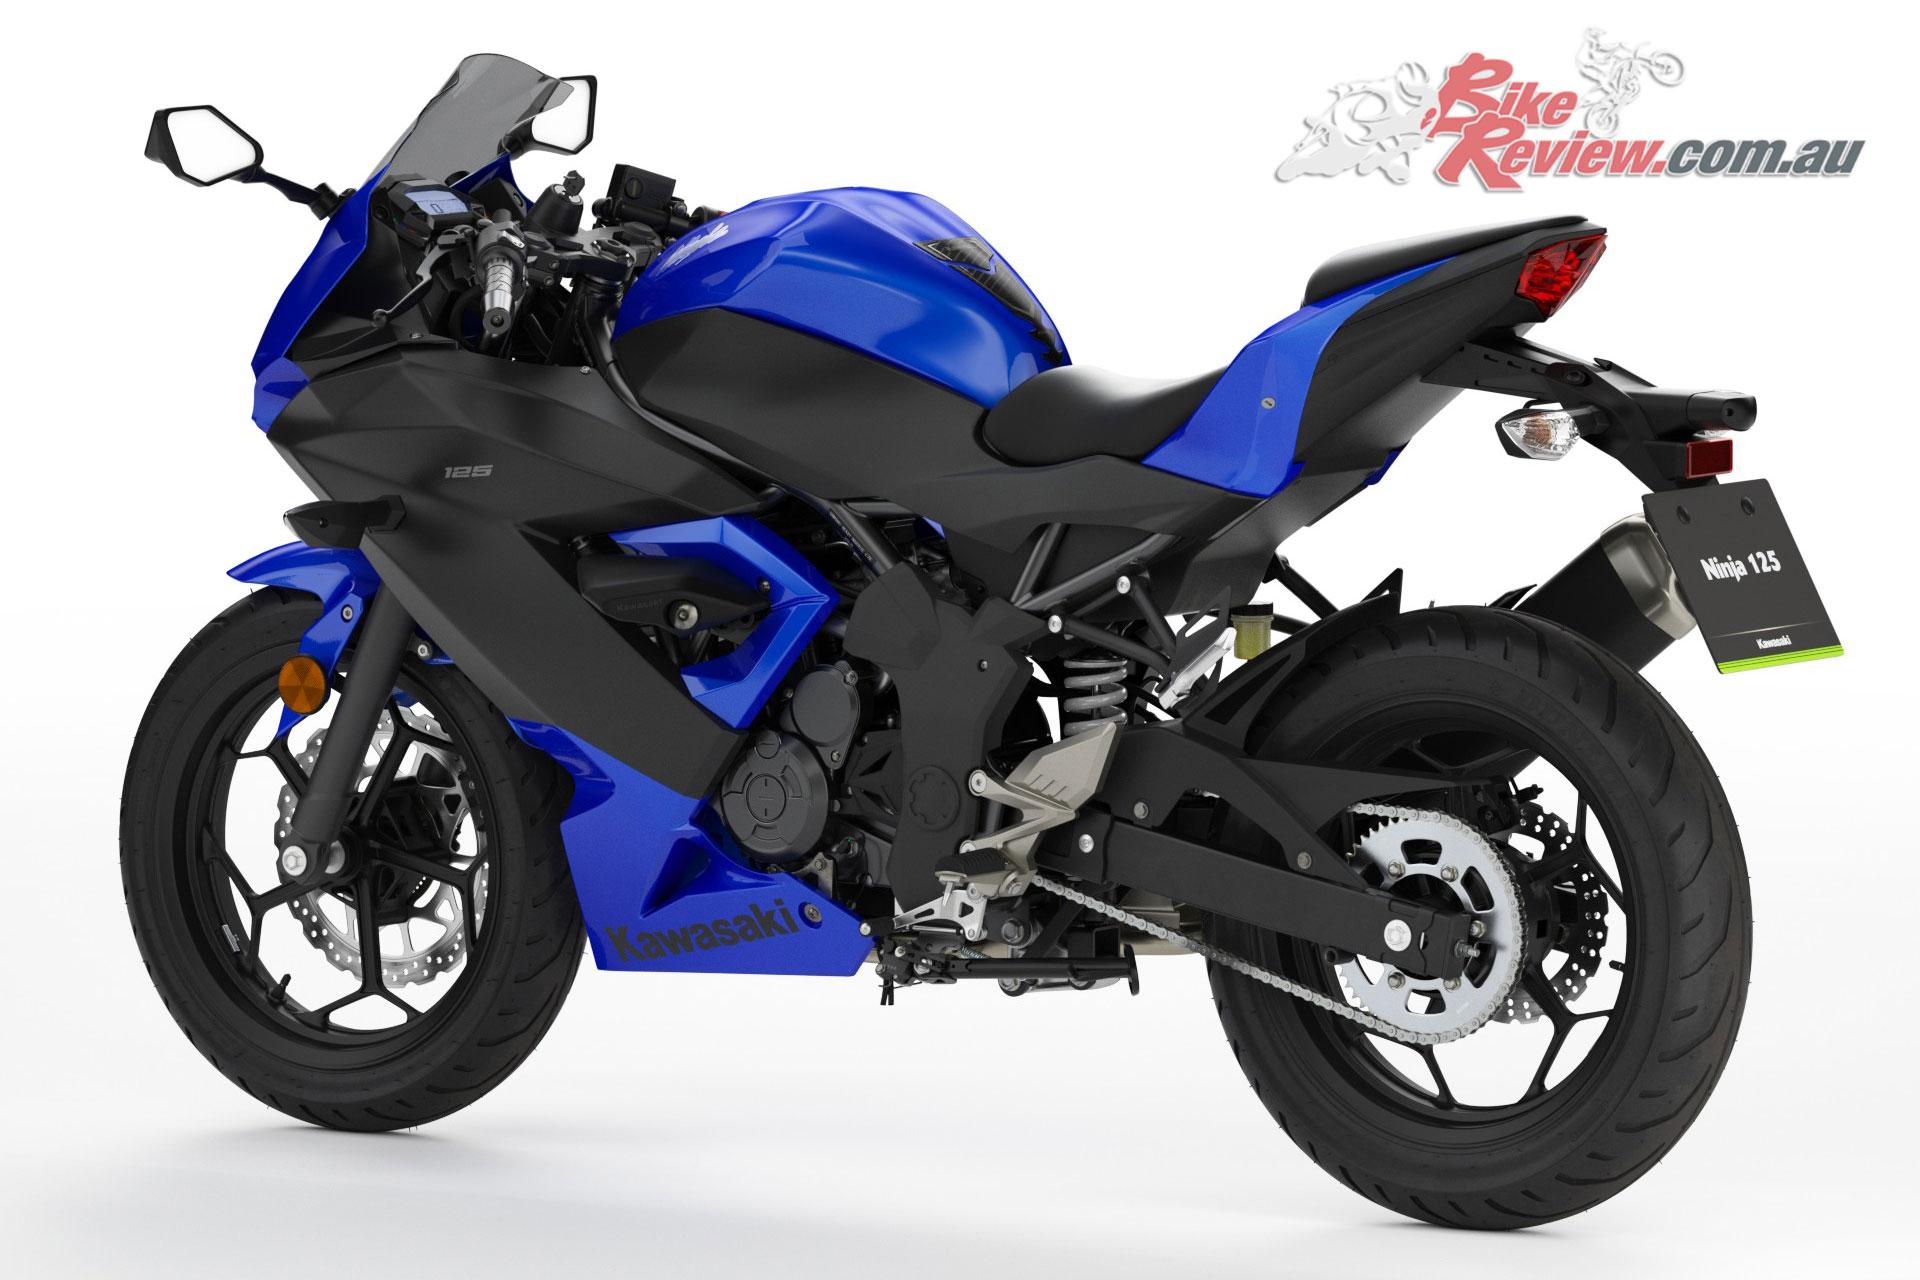 new model 2019 kawasaki z125 amp ninja 125 bike review